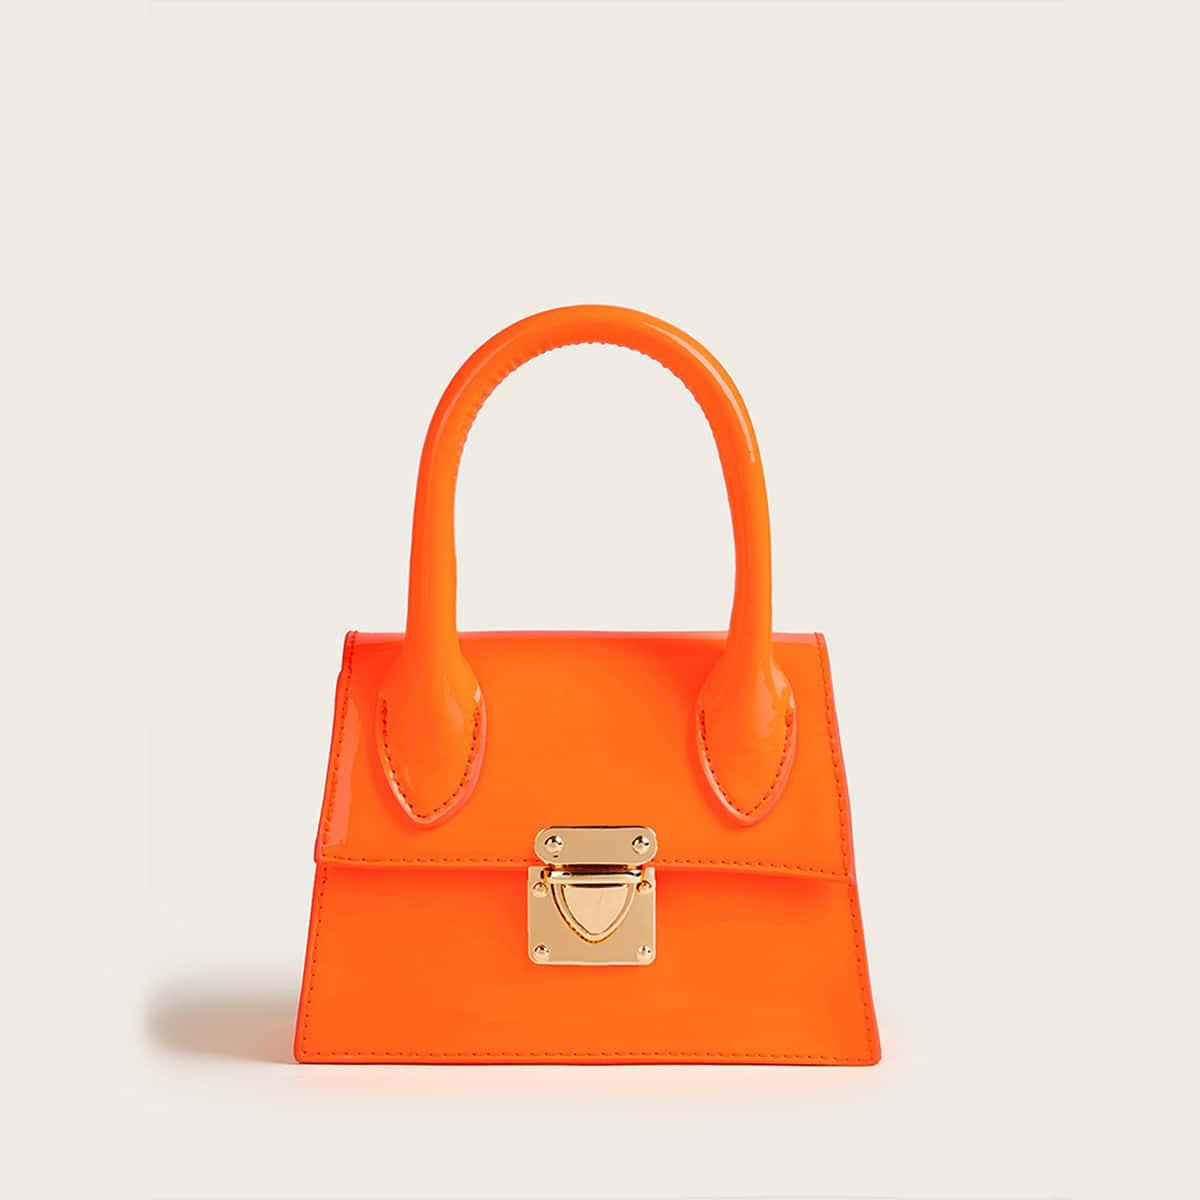 Неоновая оранжевая сумка-сэтчел